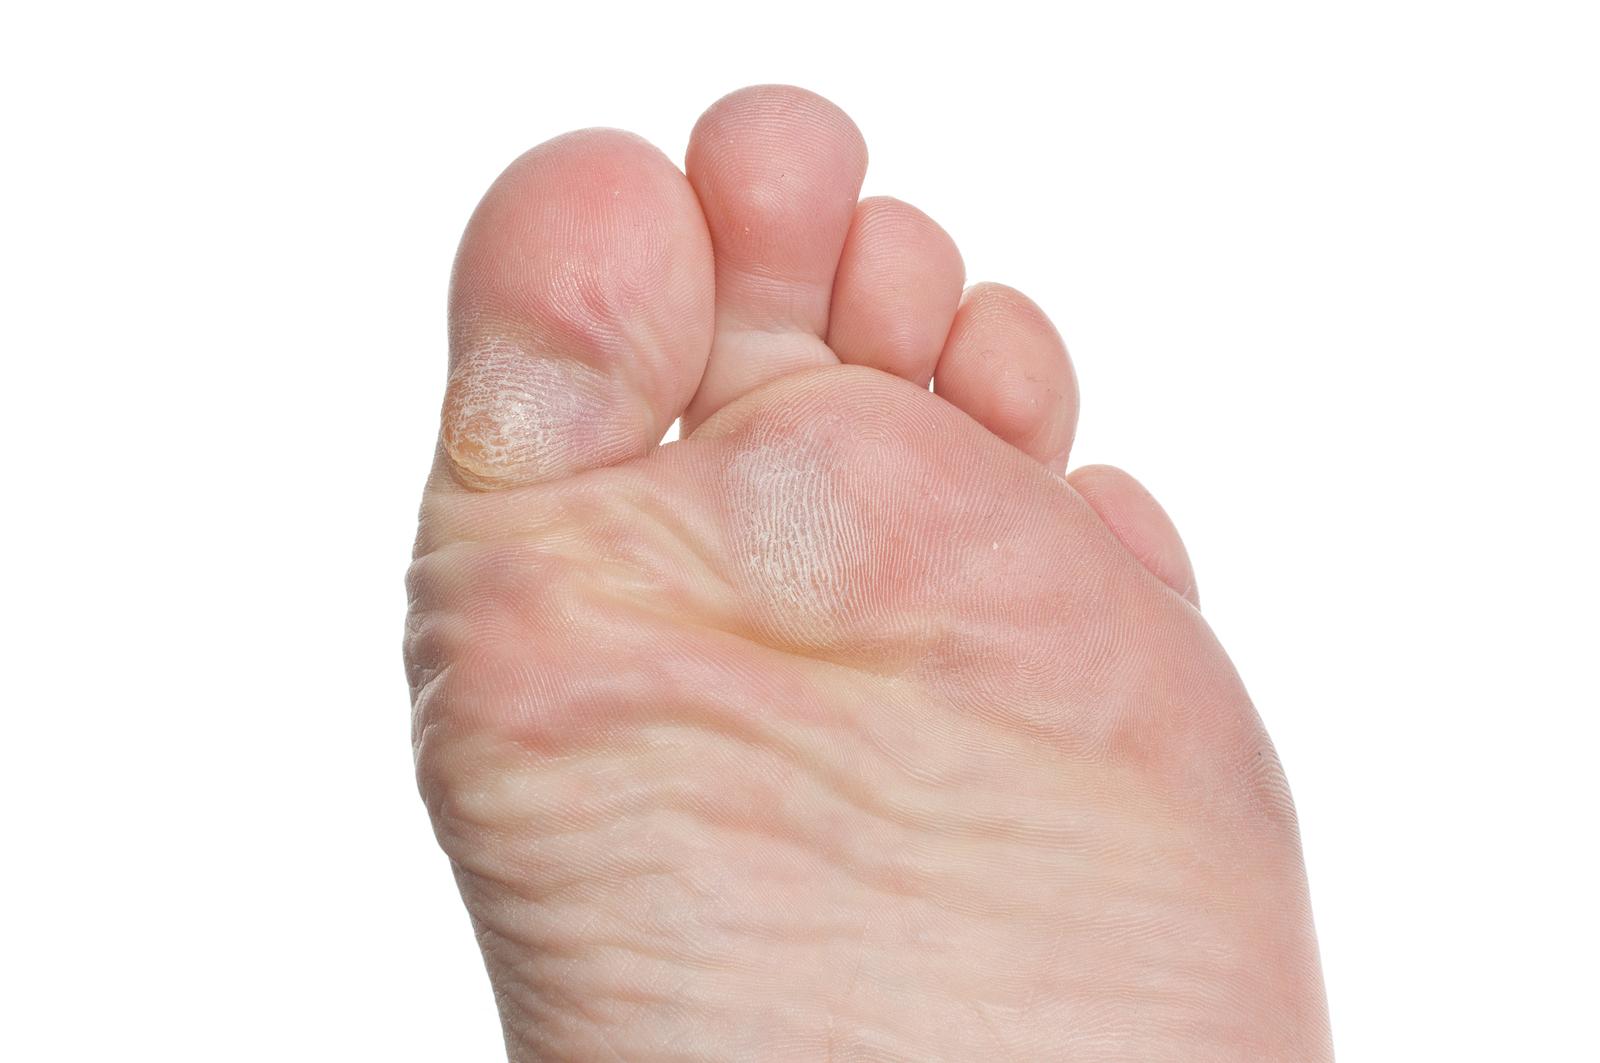 Член между пальцев ног фото, Дрочит хуй ногами увлекательное порно фото порева 21 фотография